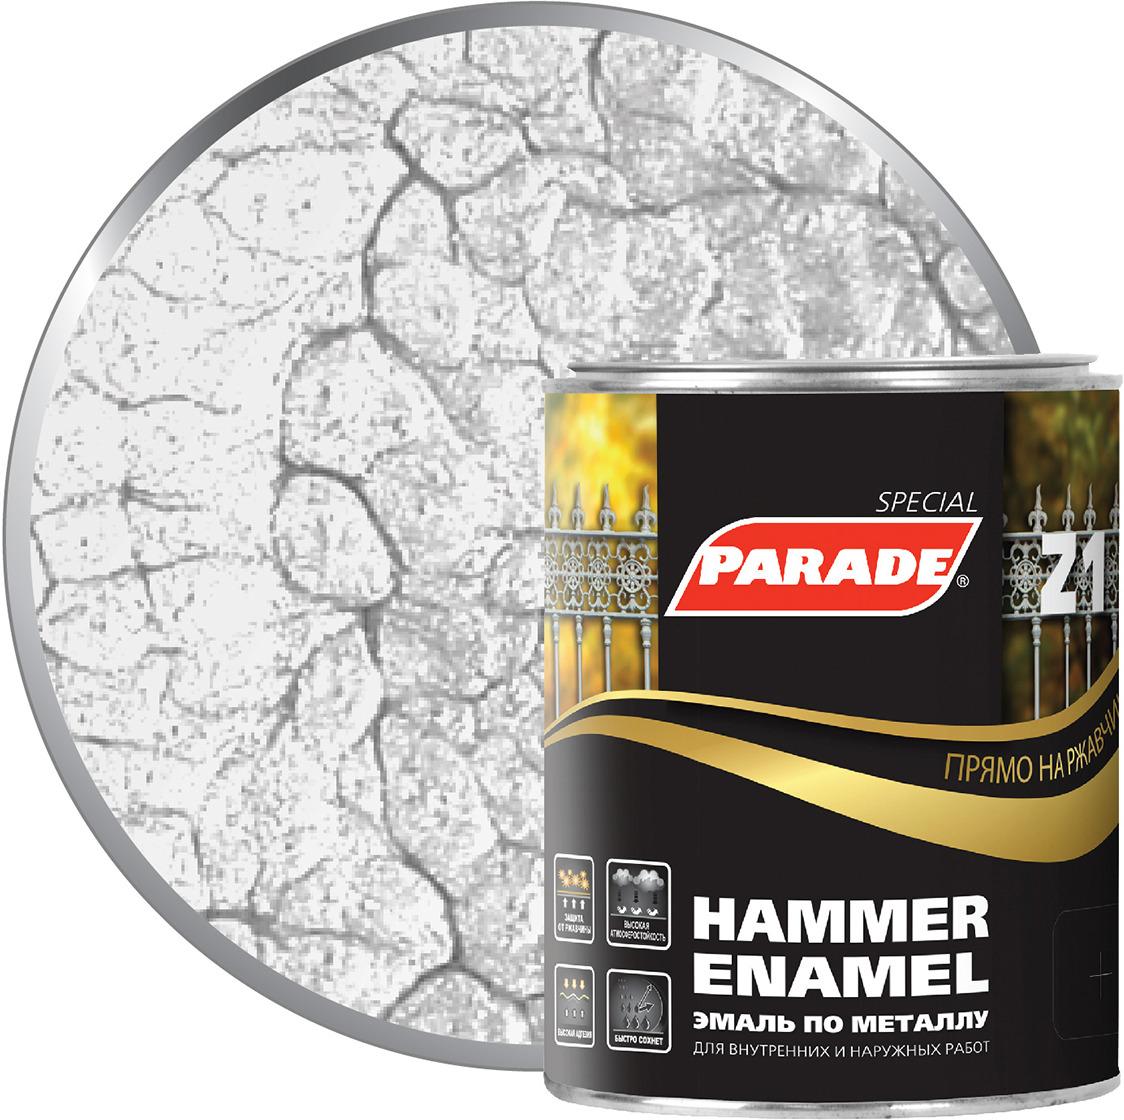 Фото - Эмаль по металлу Parade Z1, молотковая, 543-311 серебряный, 750 мл финишный гвоздь swfs свфс din1152 1 8х40 25кг тов 041025